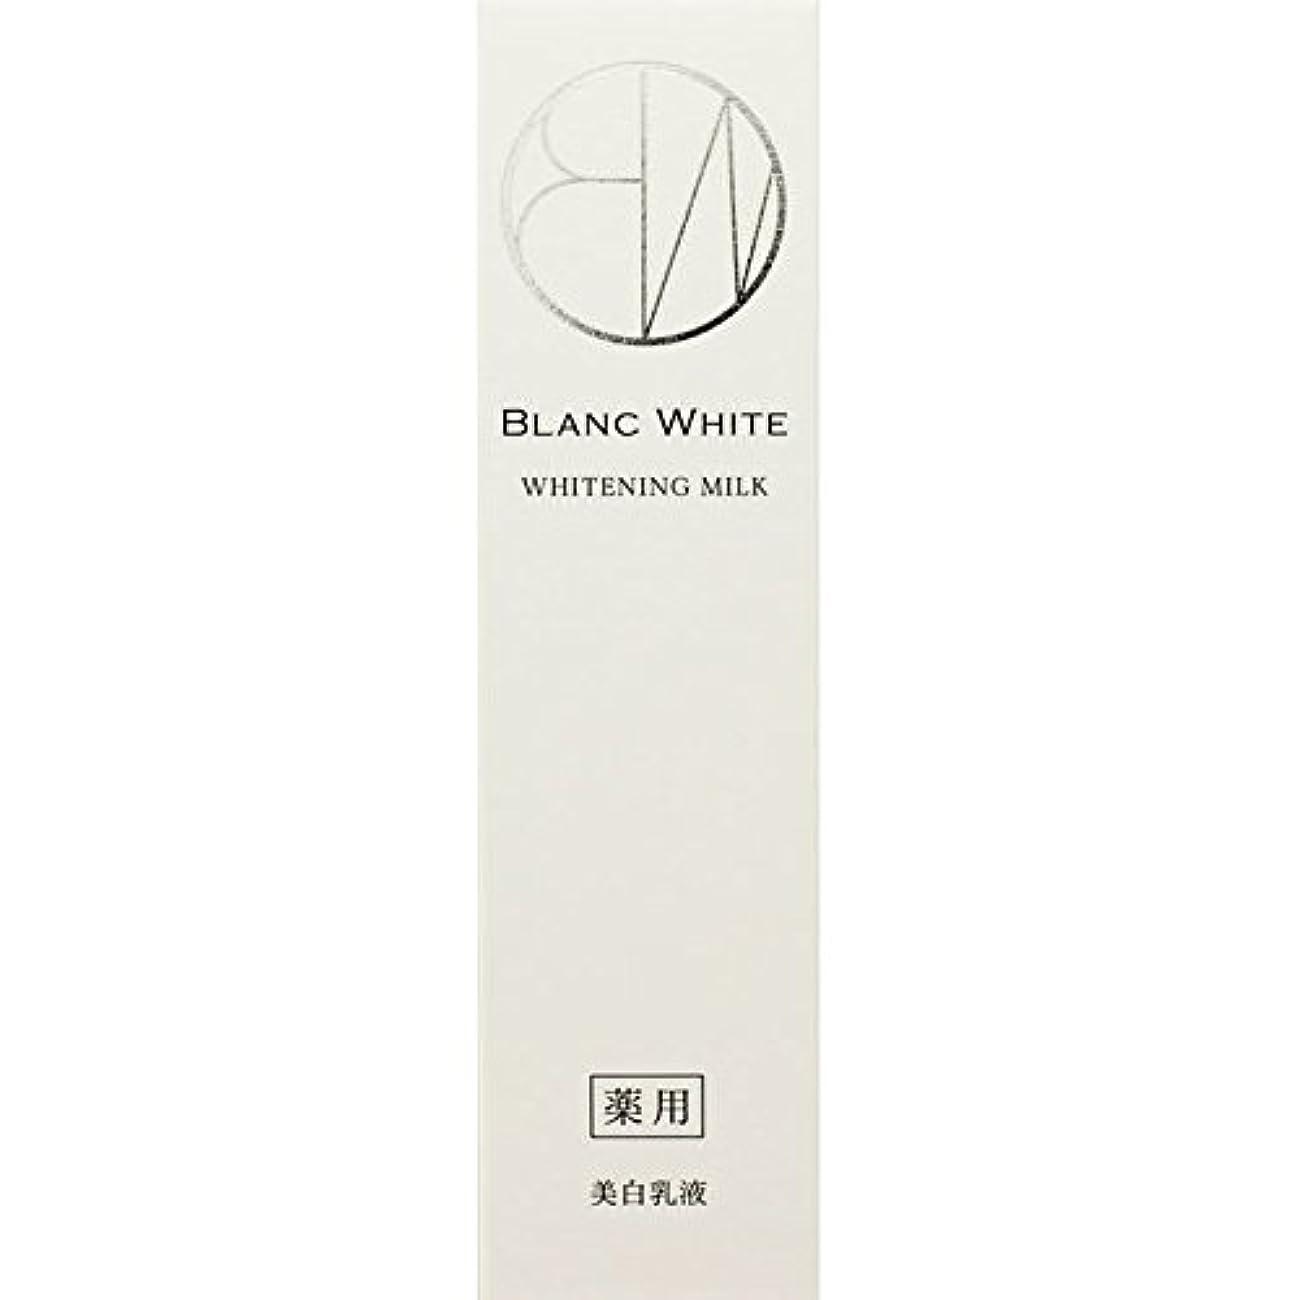 適合するオアシス混乱させるブランホワイト ホワイトニングミルク 125ml (医薬部外品)